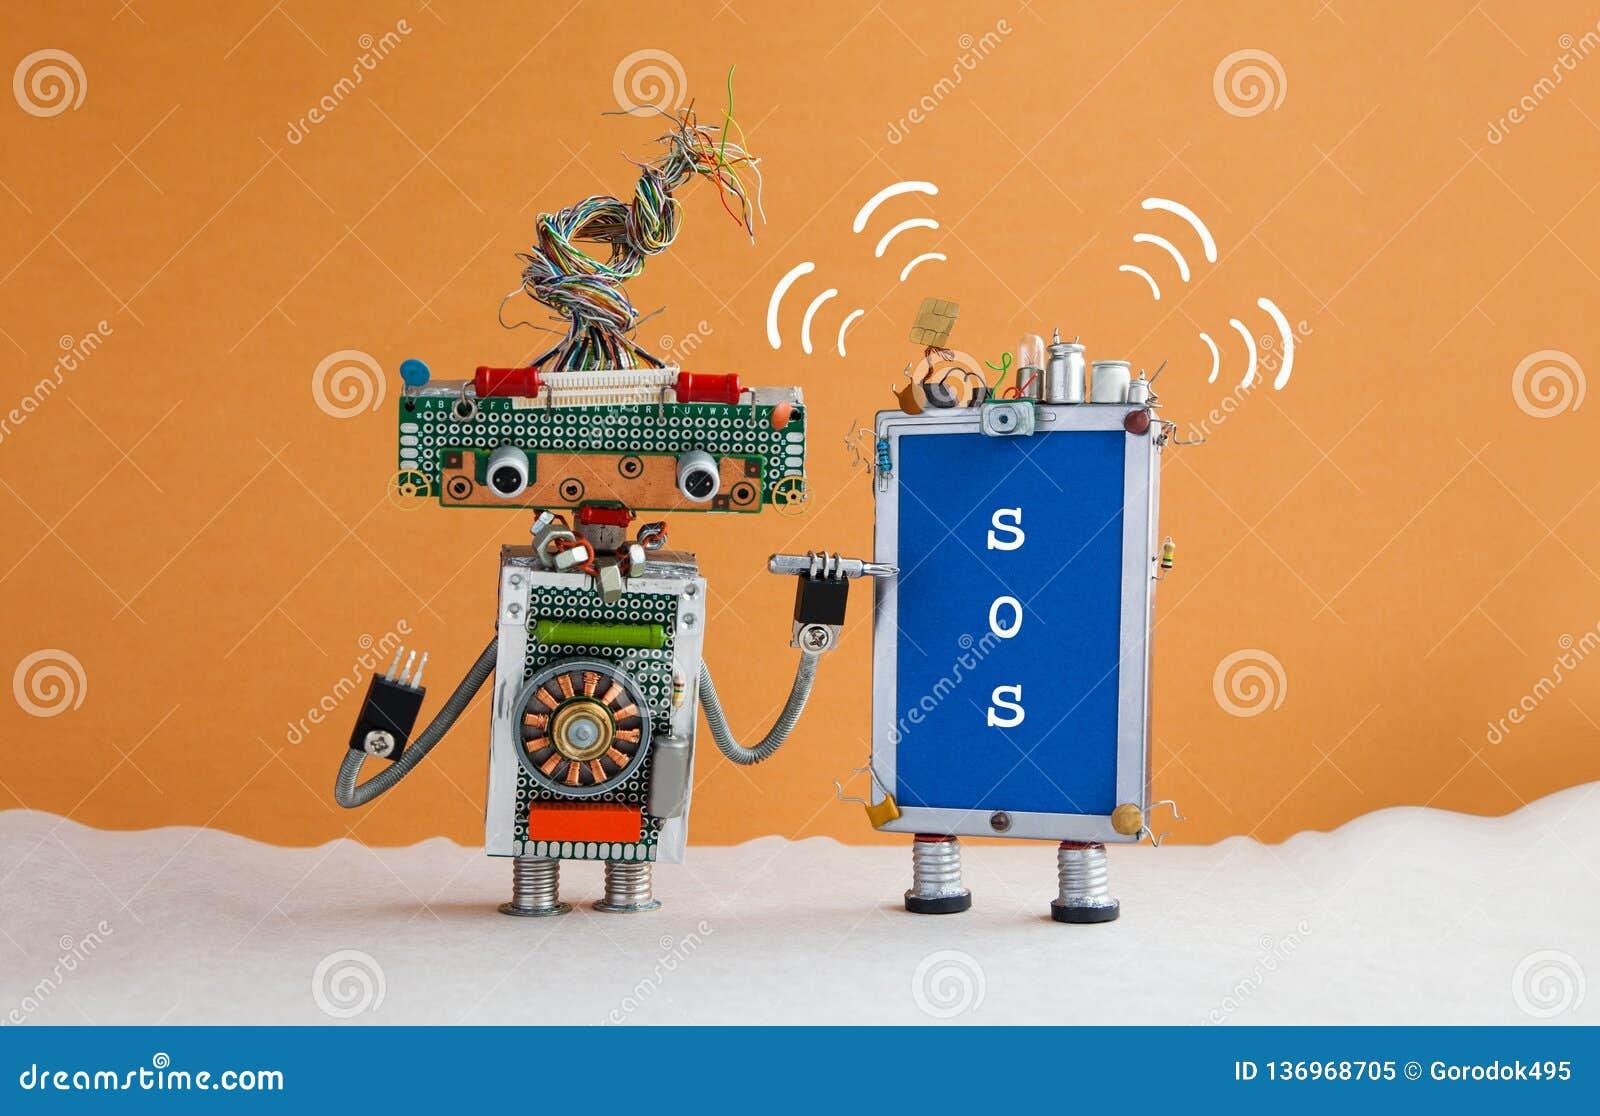 机器人杂物工和残破的智能手机消息SOS 有螺丝刀的机器人军人要修理电话 橙色